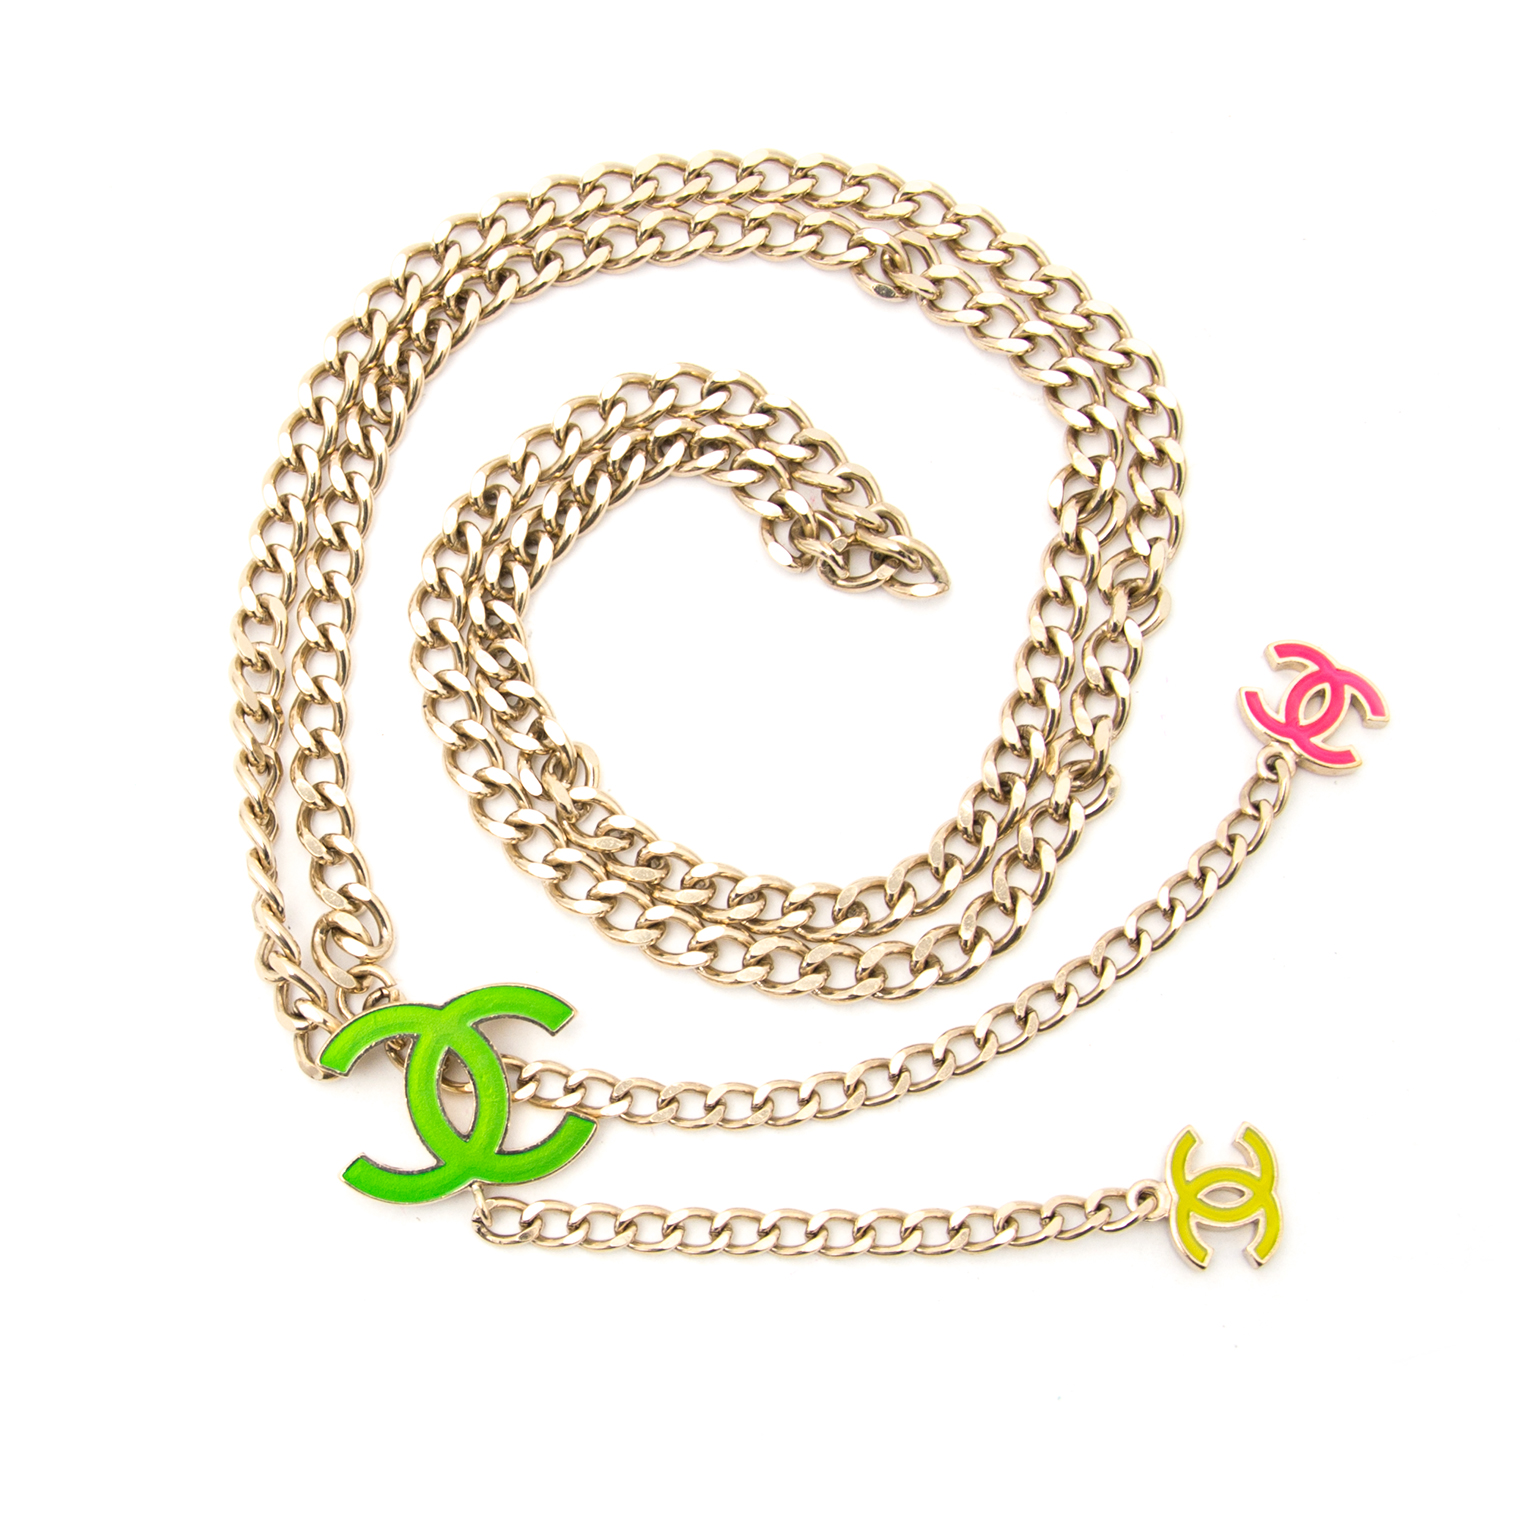 Bent u op zoek naar een authentieke Chanel Silver Fluo CC Chain Belt? Koop deze aan de beste prijs.